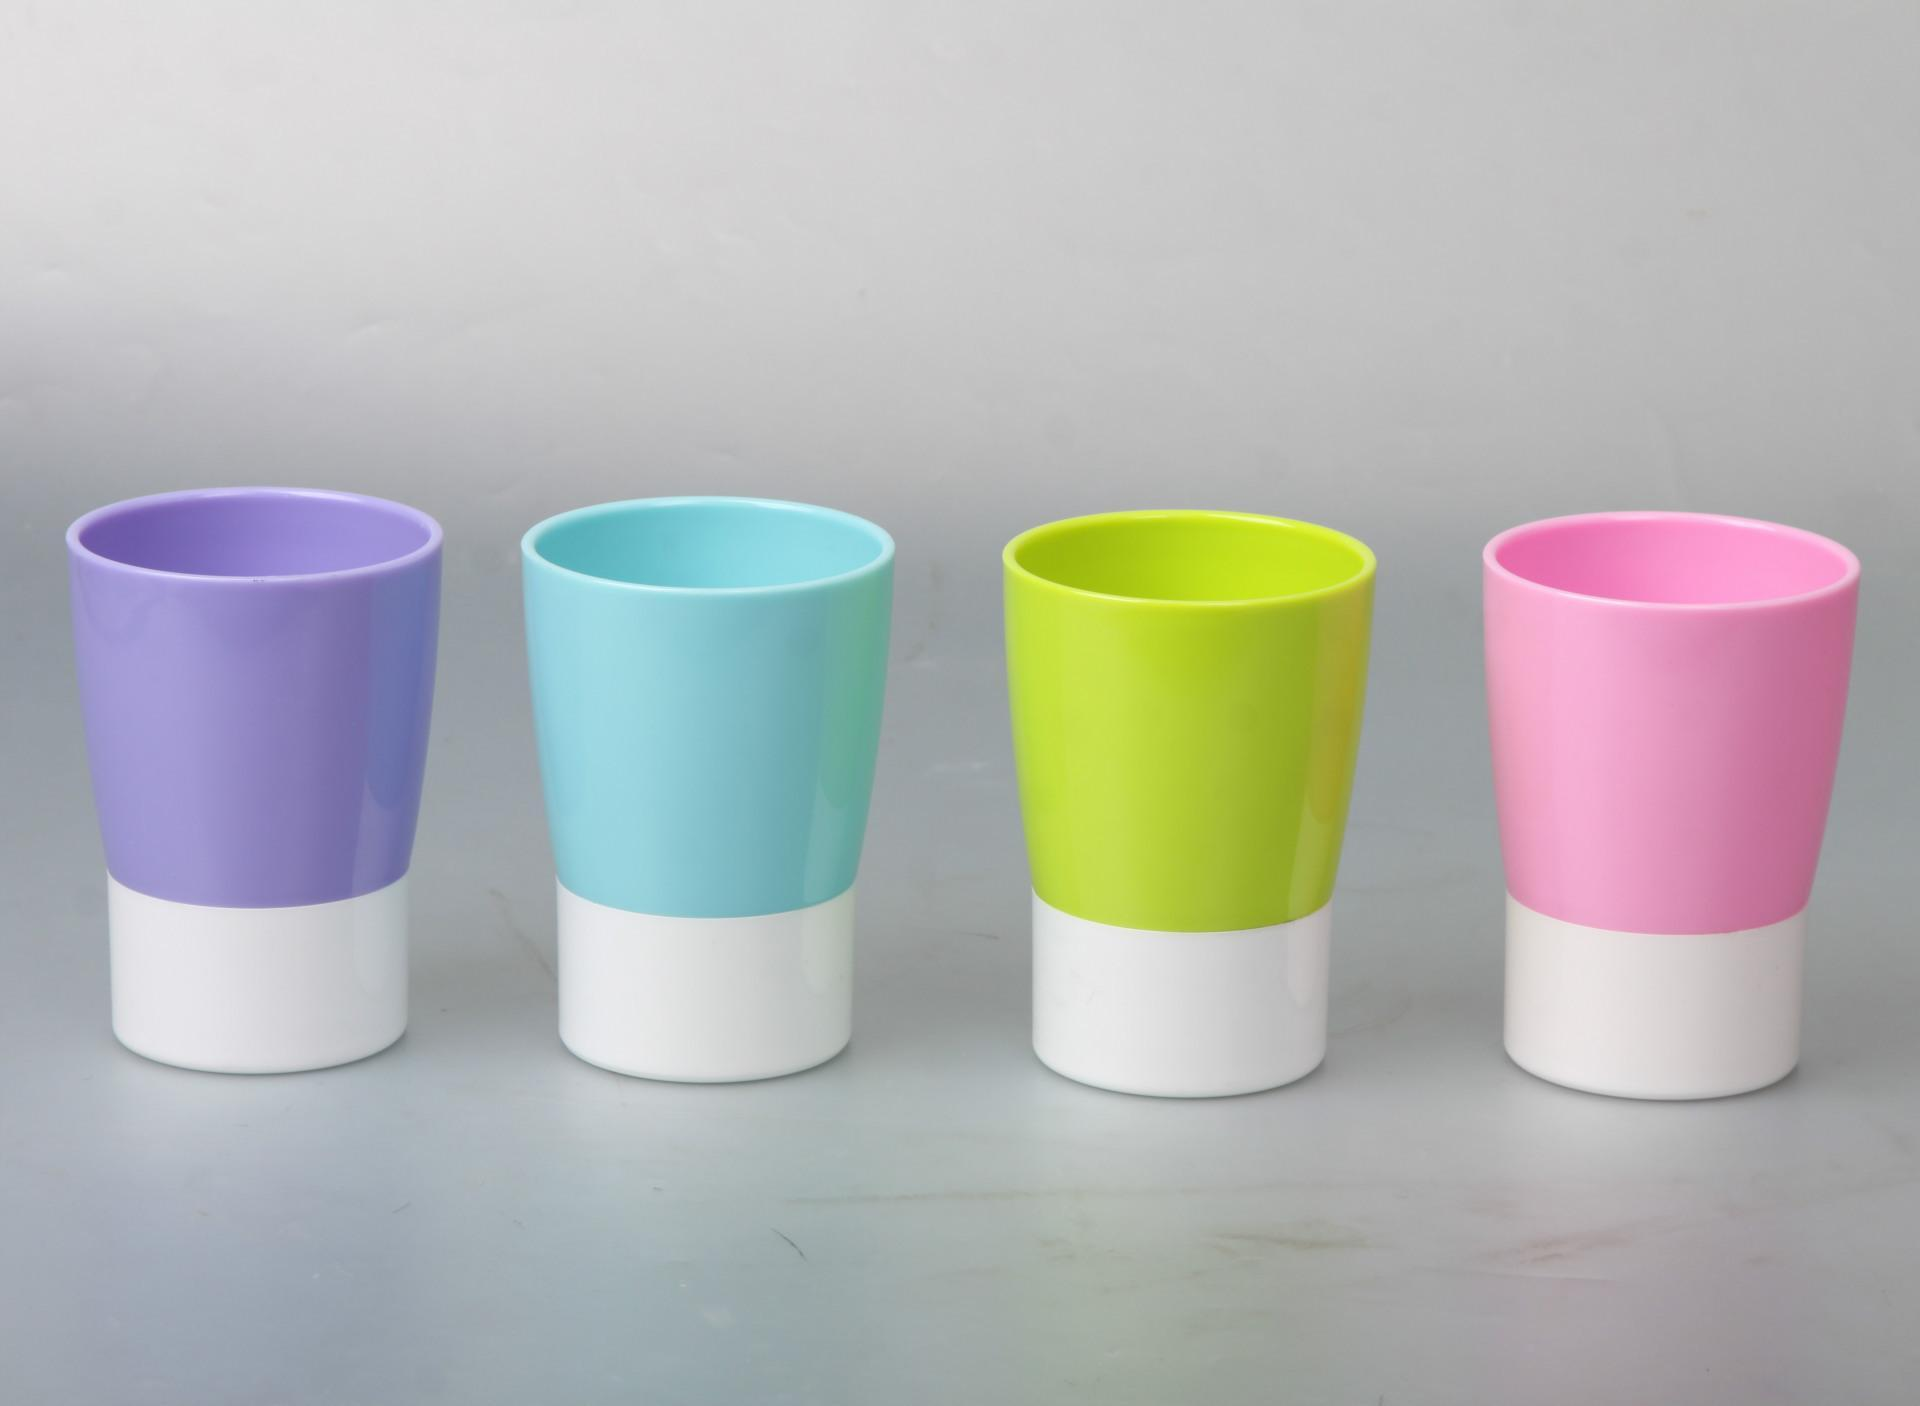 定远县鑫磊纸塑包装有限公司召回部分塑料杯